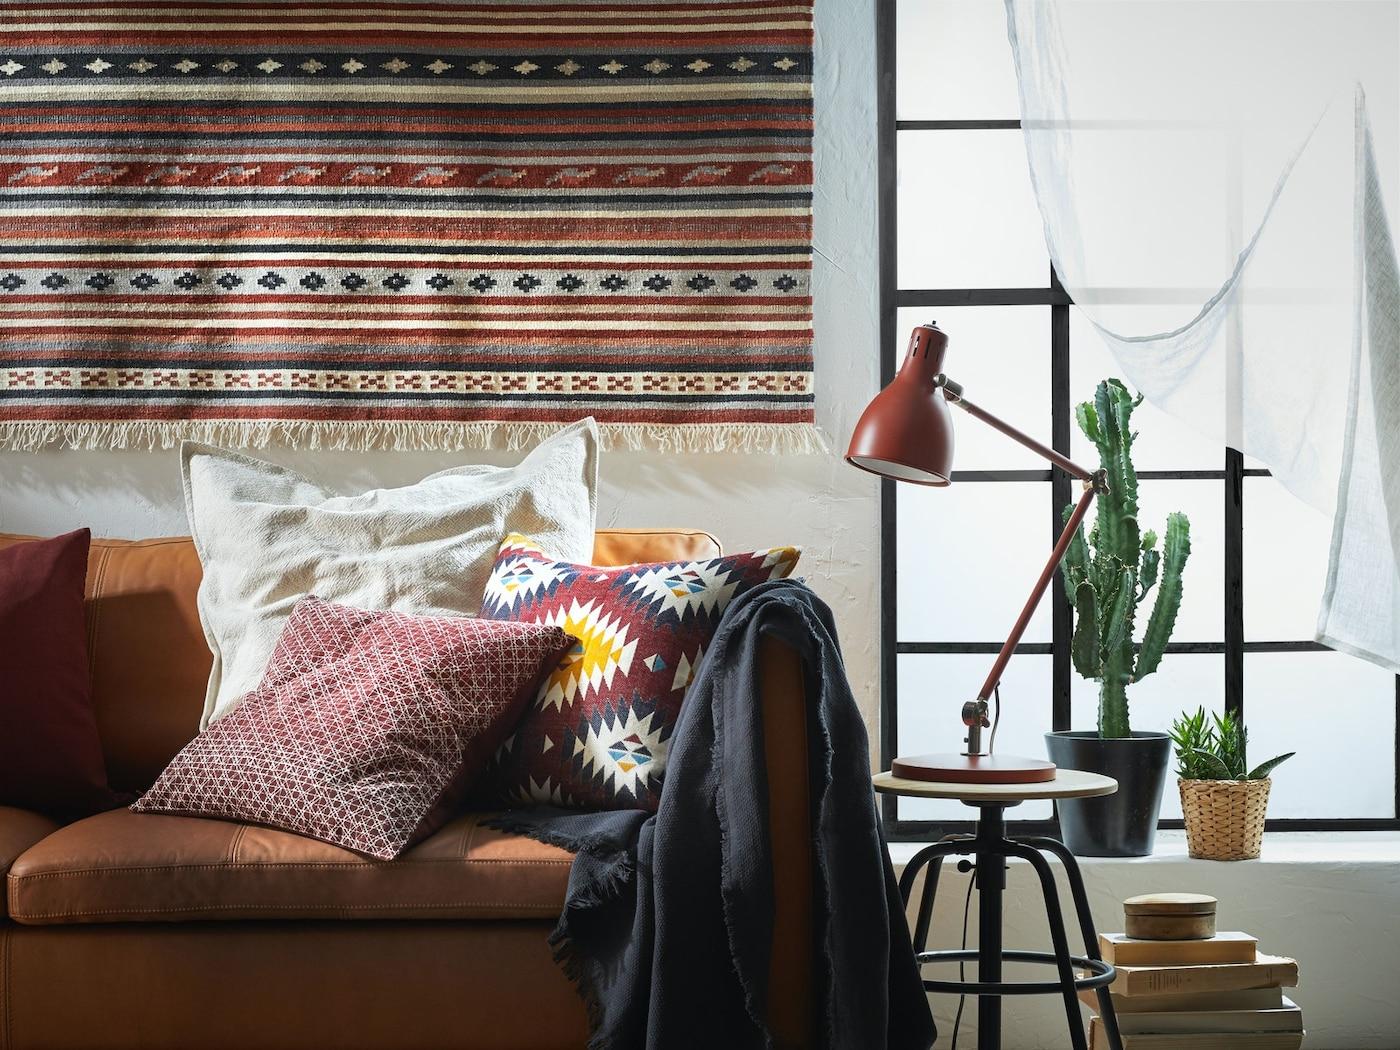 Un tapis persan est accroché au mur au-dessus d'un canapé dans un salon de style bohème.